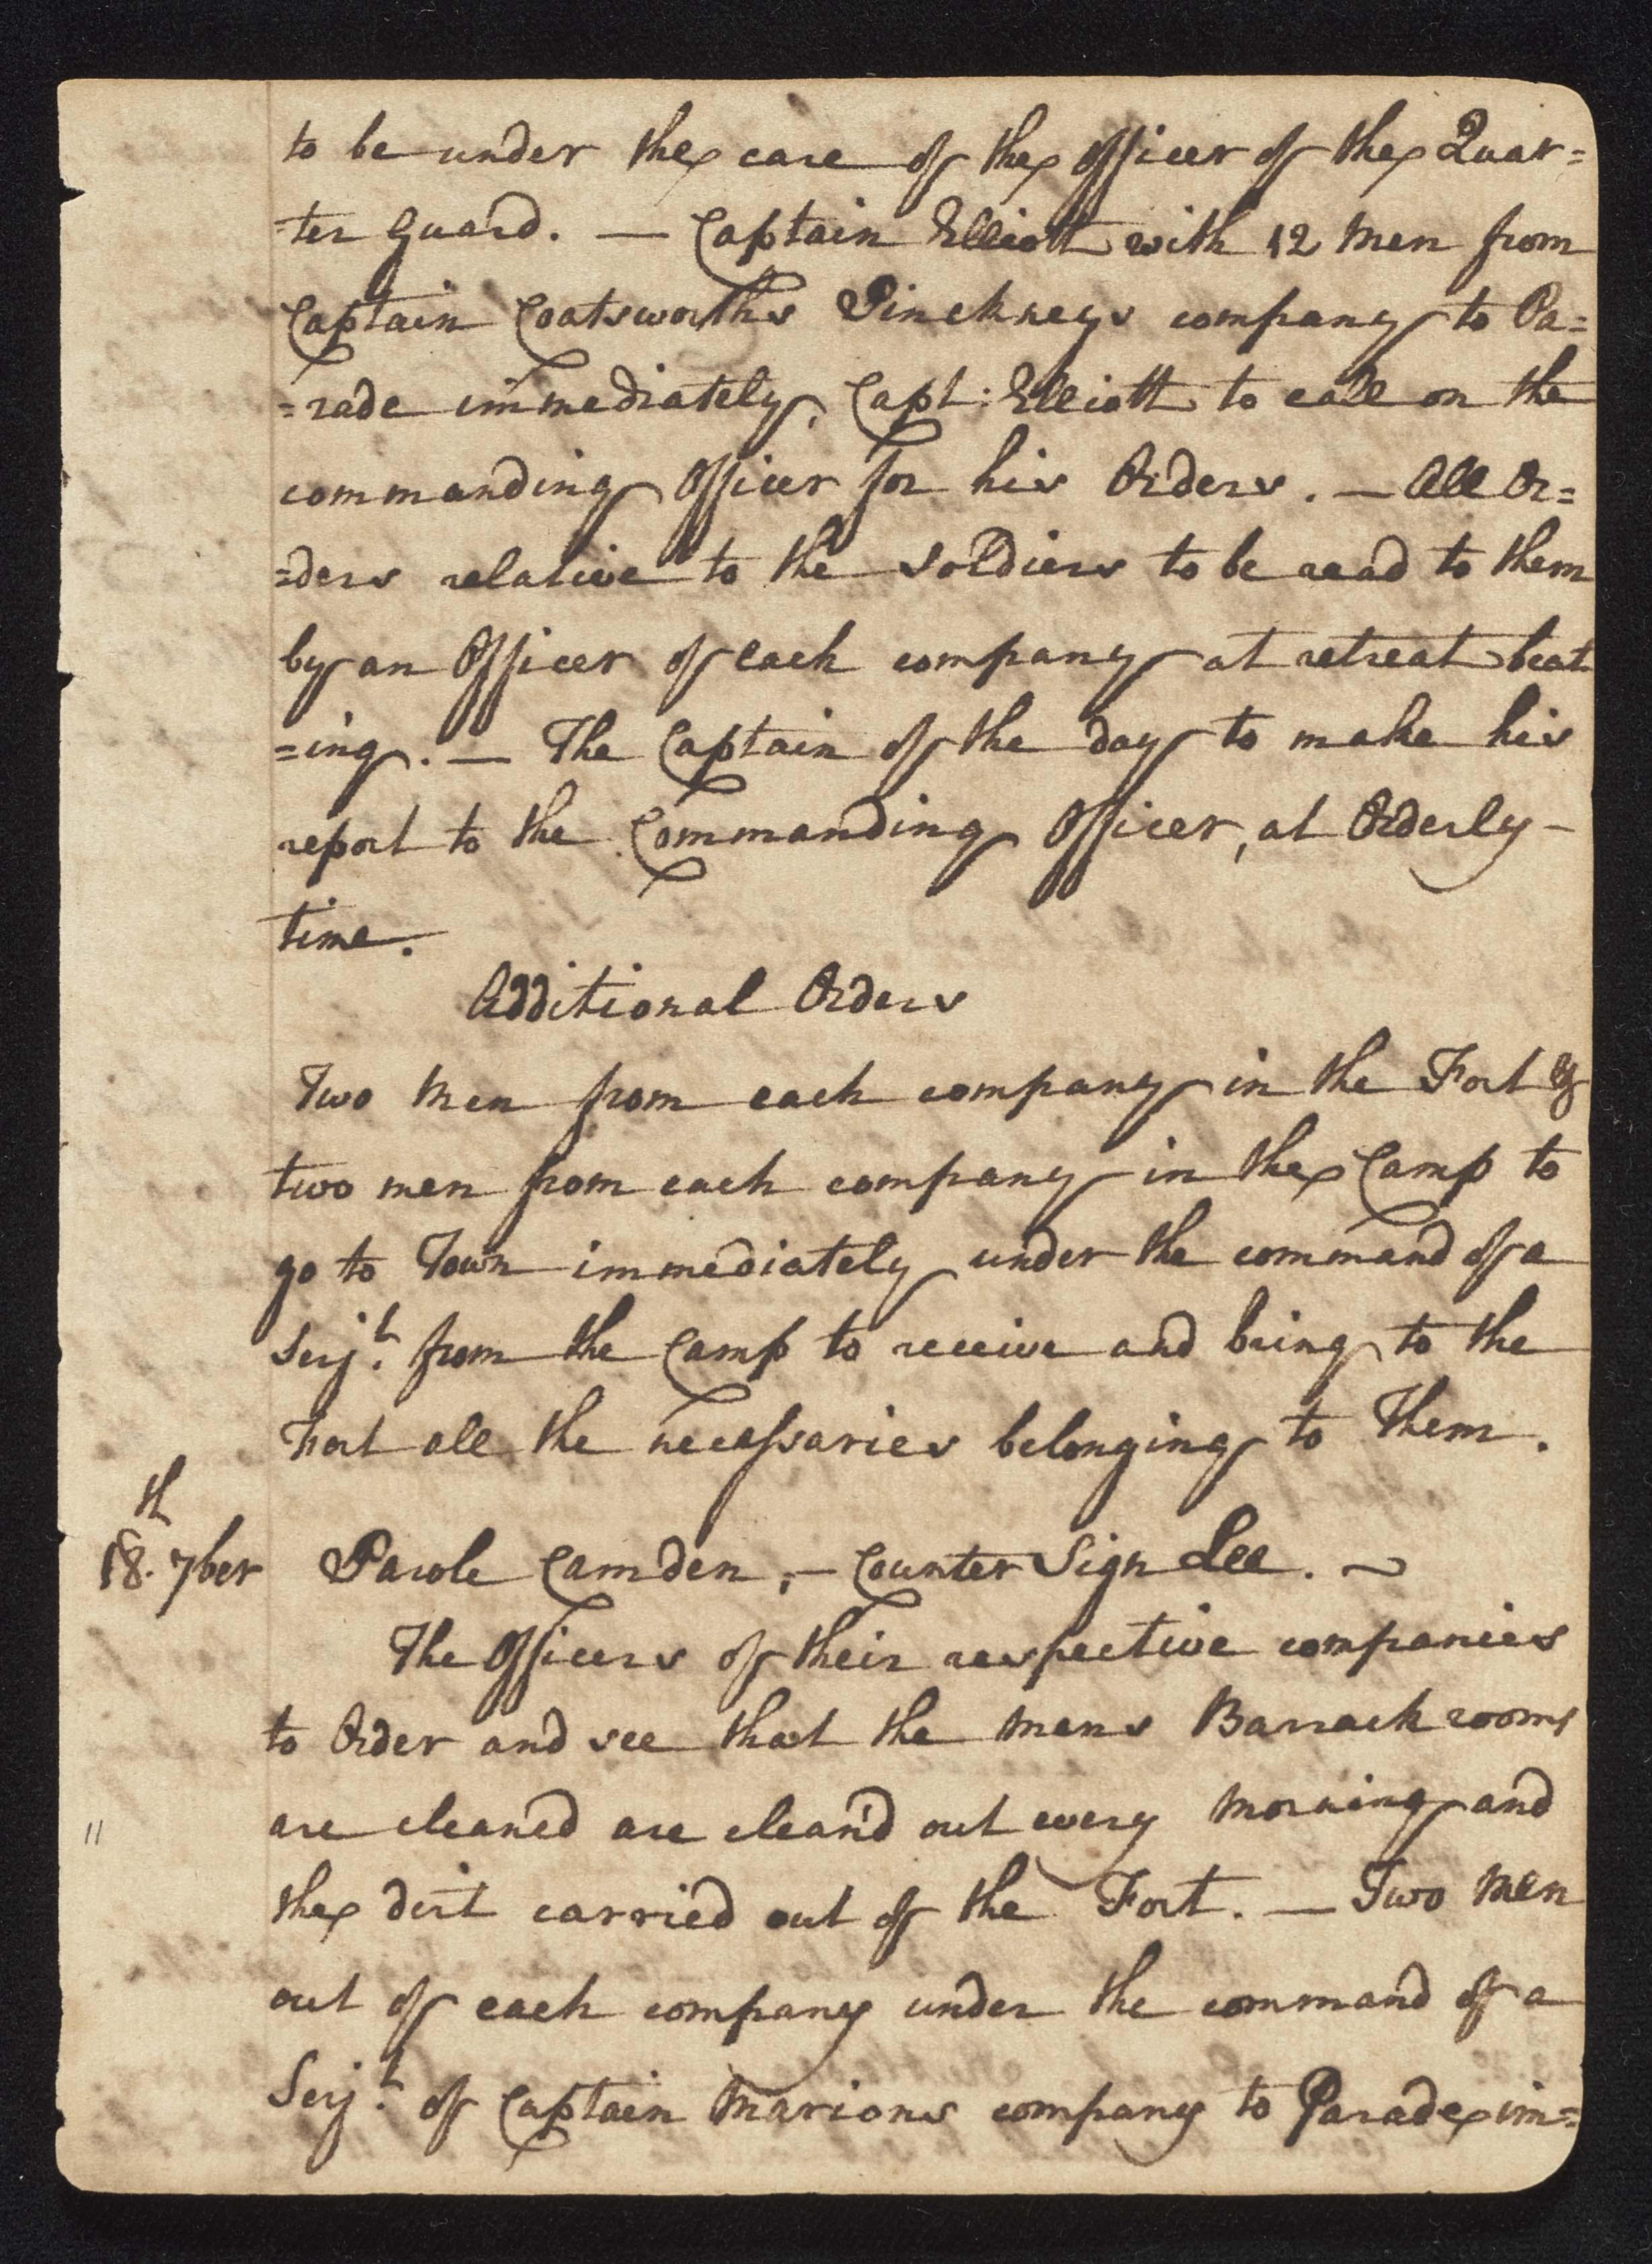 South Carolina Regiment Order Book, Page 21